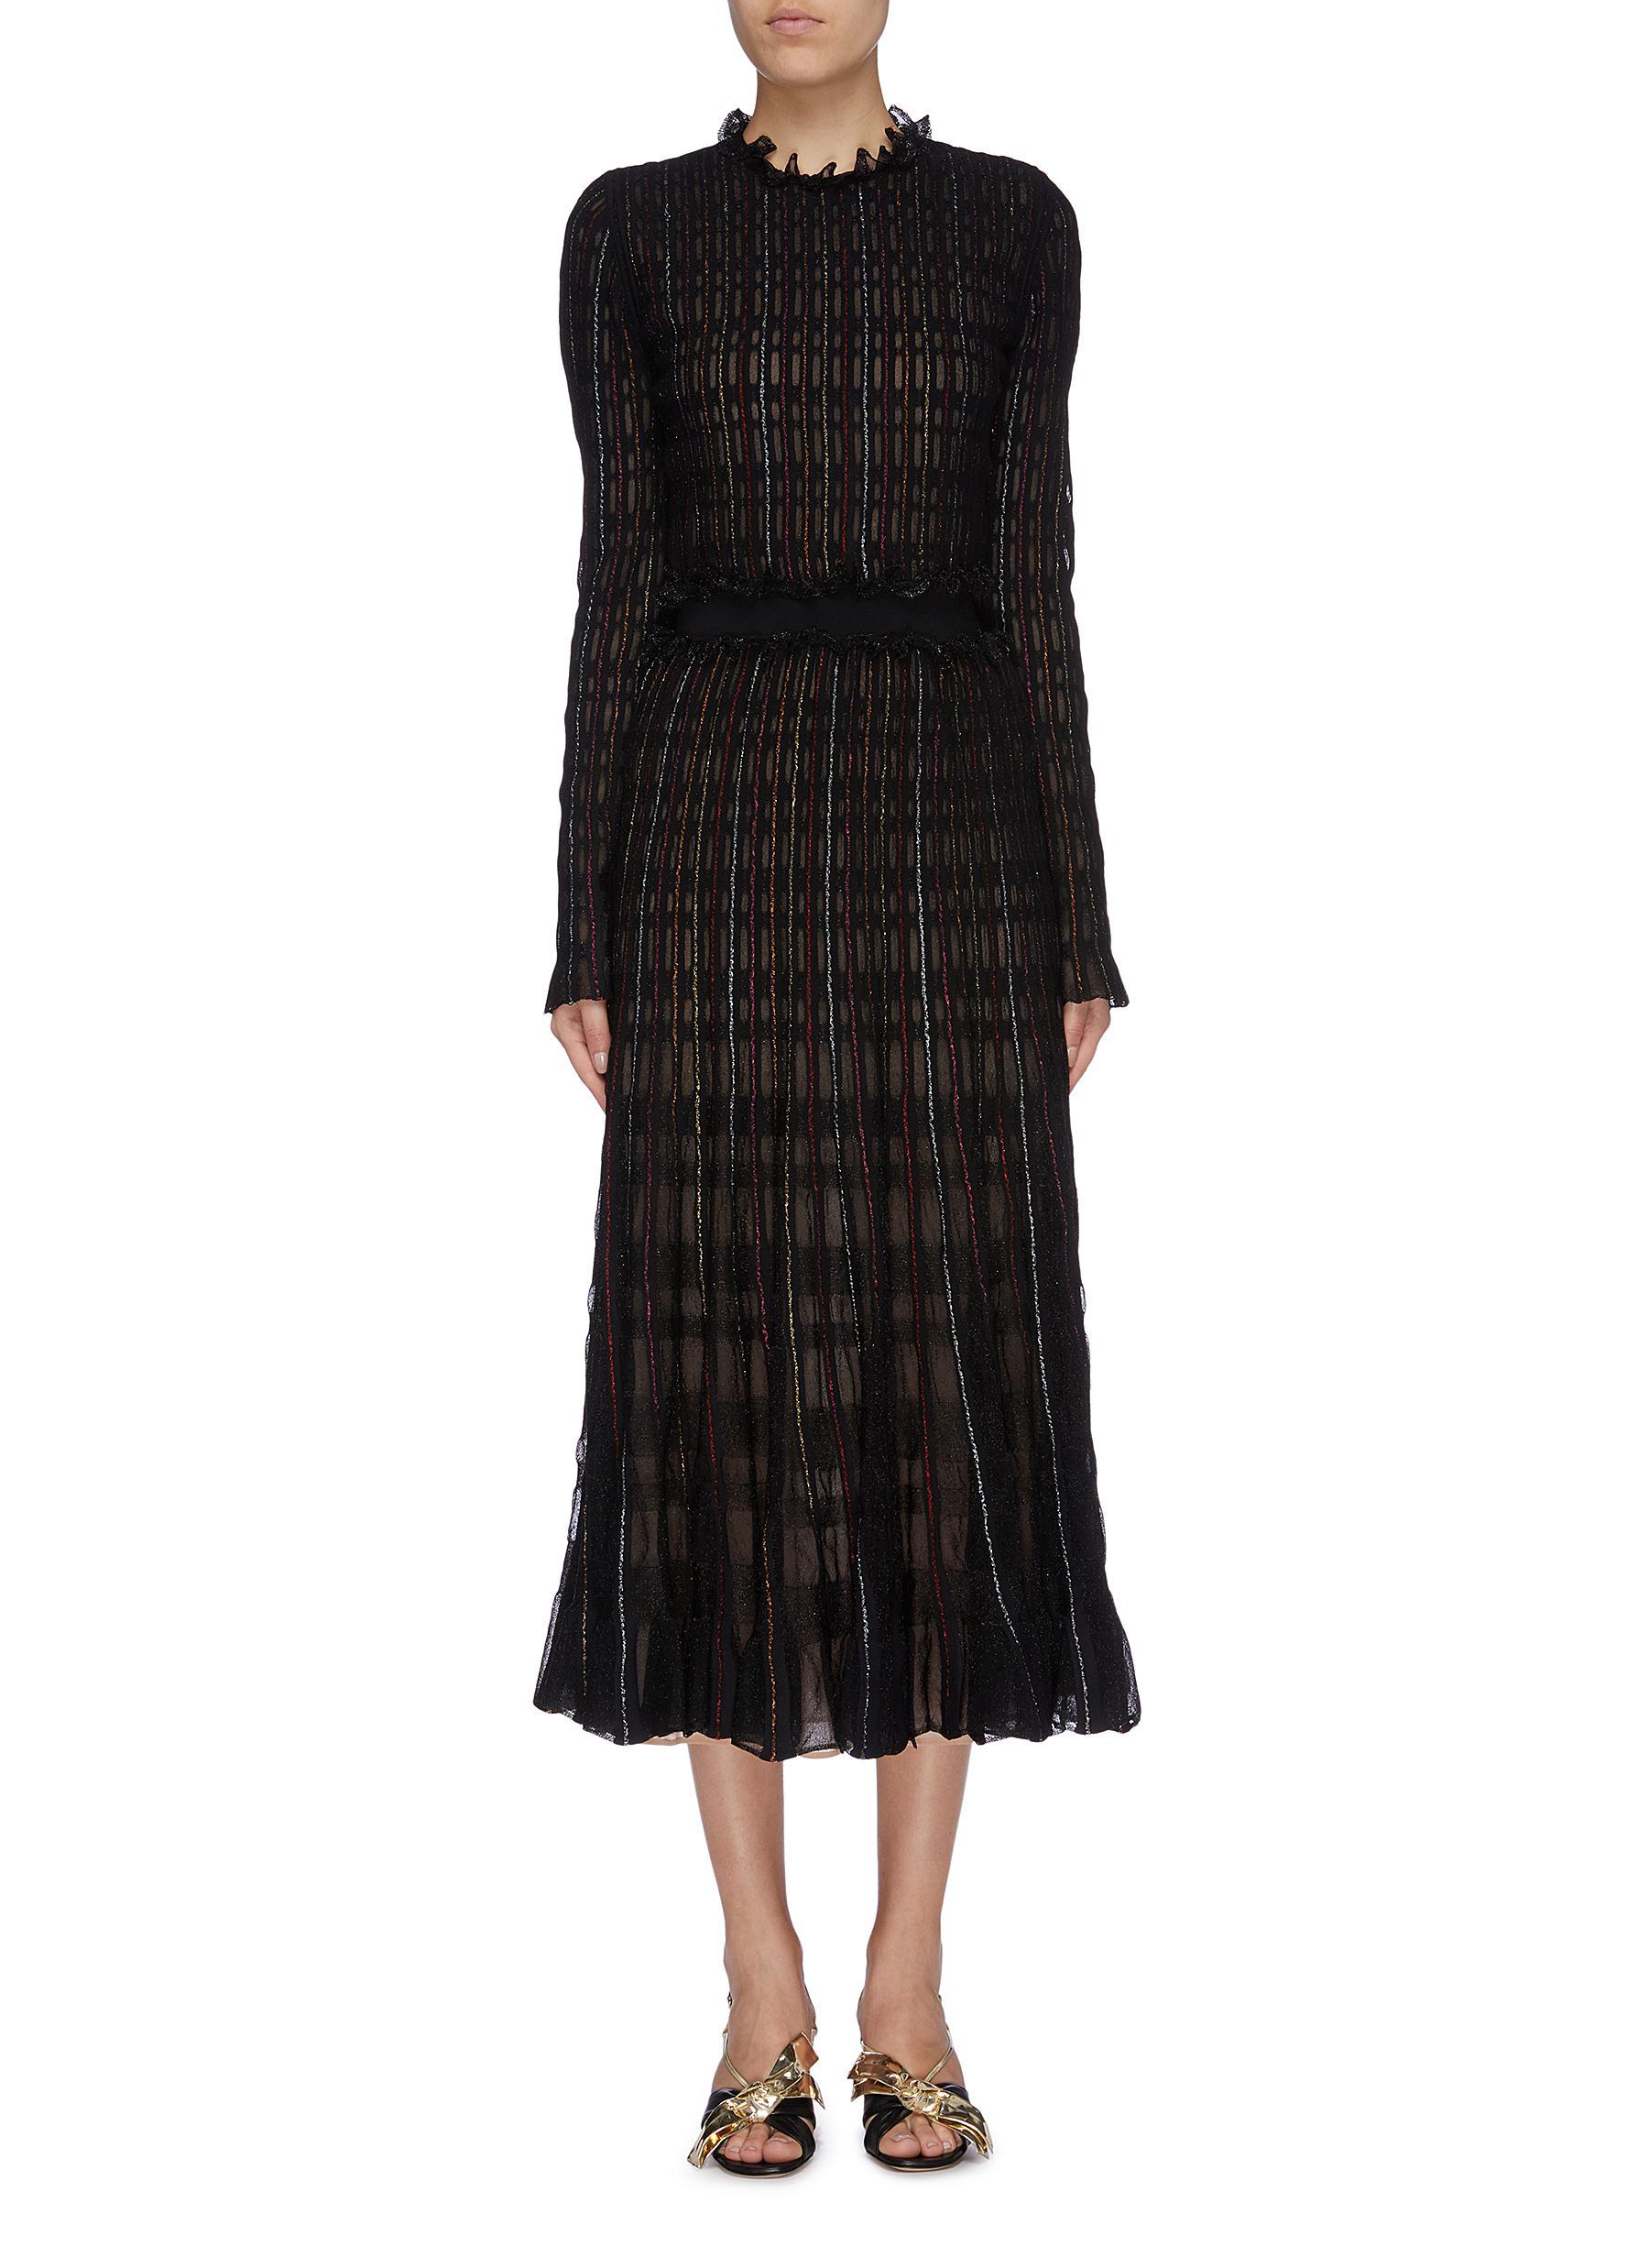 Metallic check ruffle trim knit dress by Alexander Mcqueen